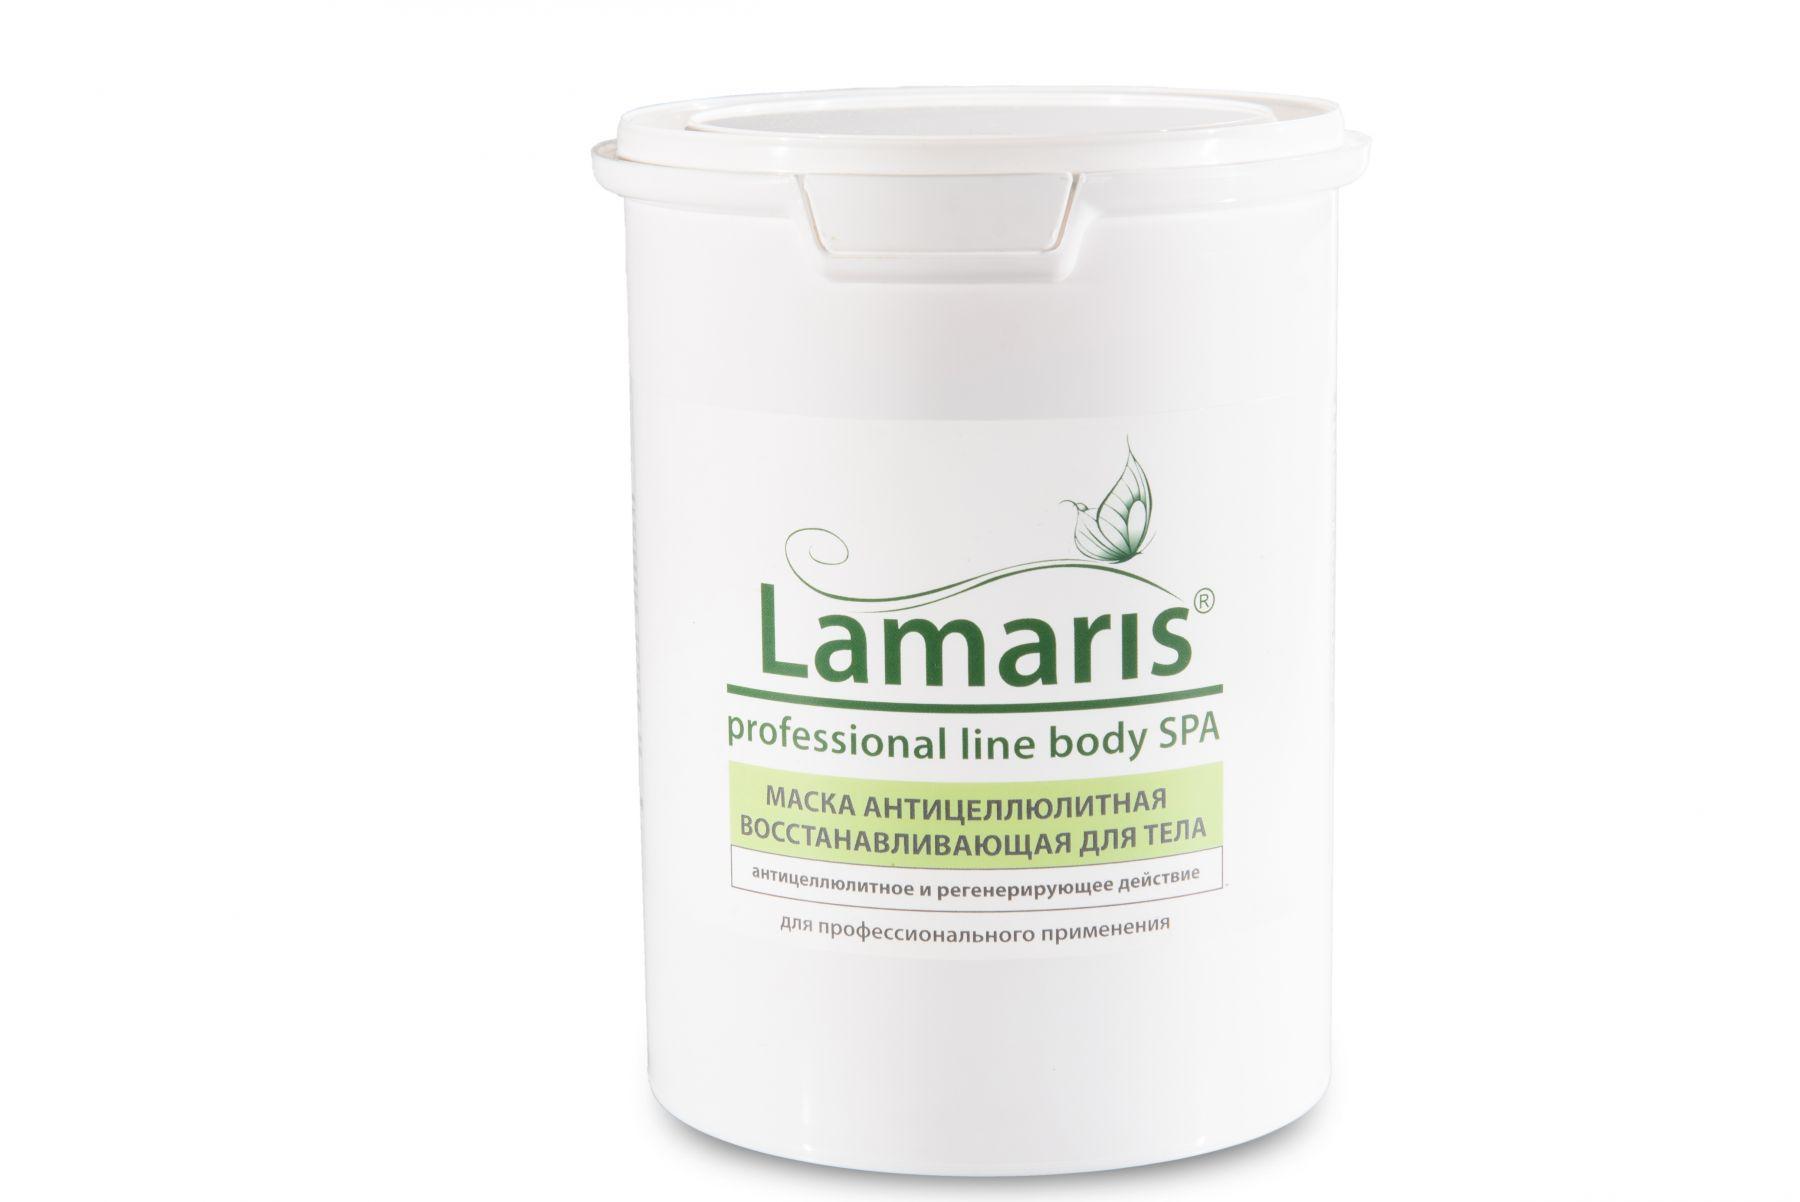 Маска антицеллюлитная восстанавливающая для тела Lamaris - 1,5 кг